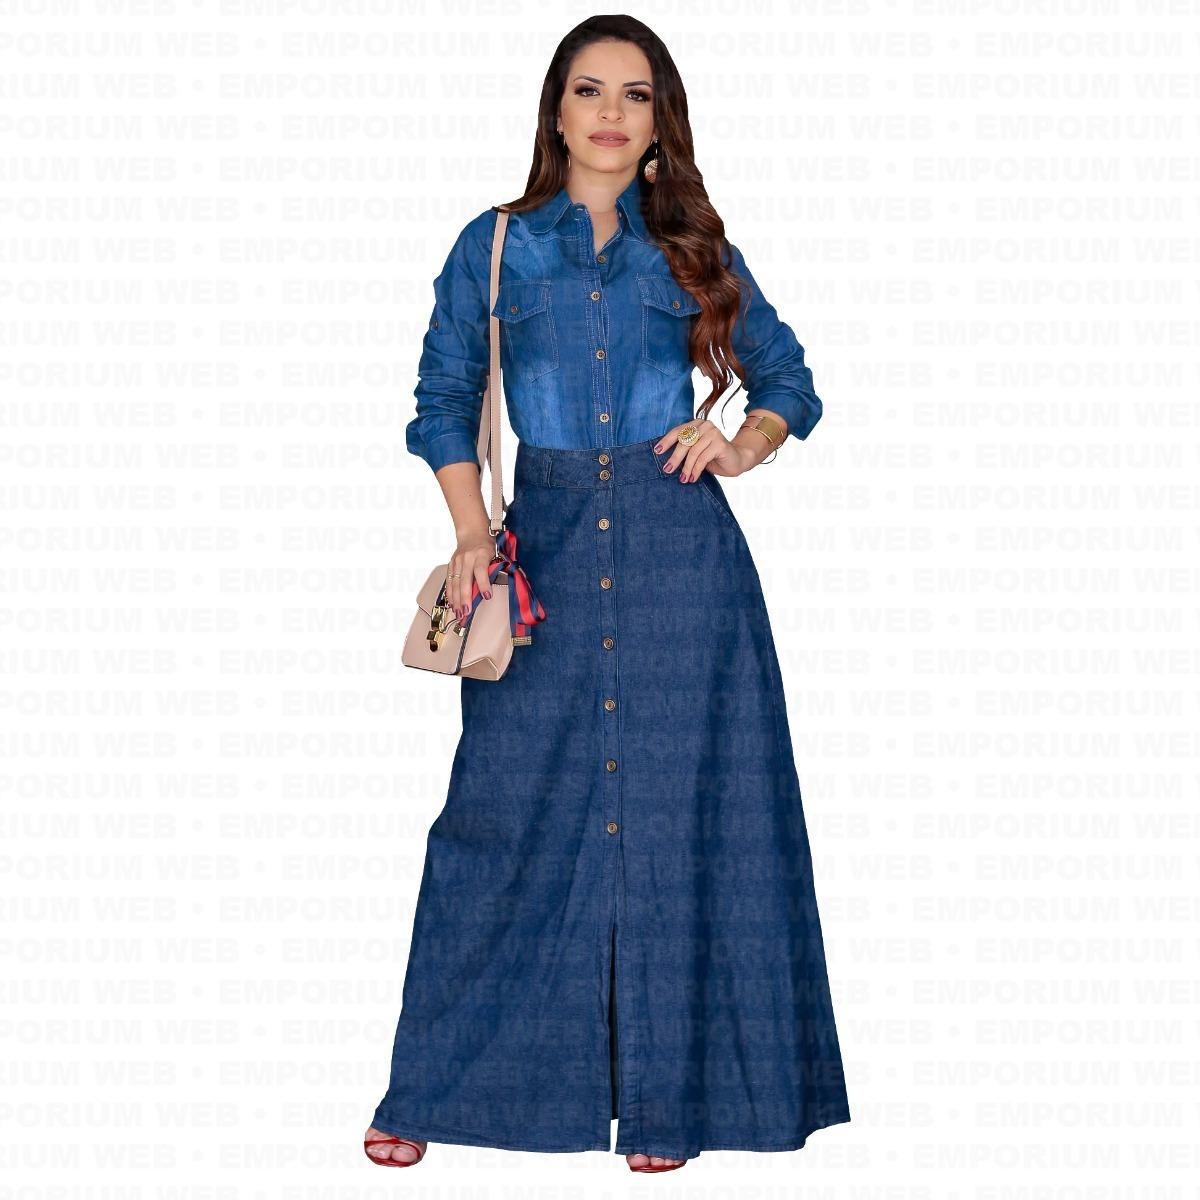 9369aa06c7 saia jeans longa botões tendência blog insta moda evangélica. Carregando  zoom.